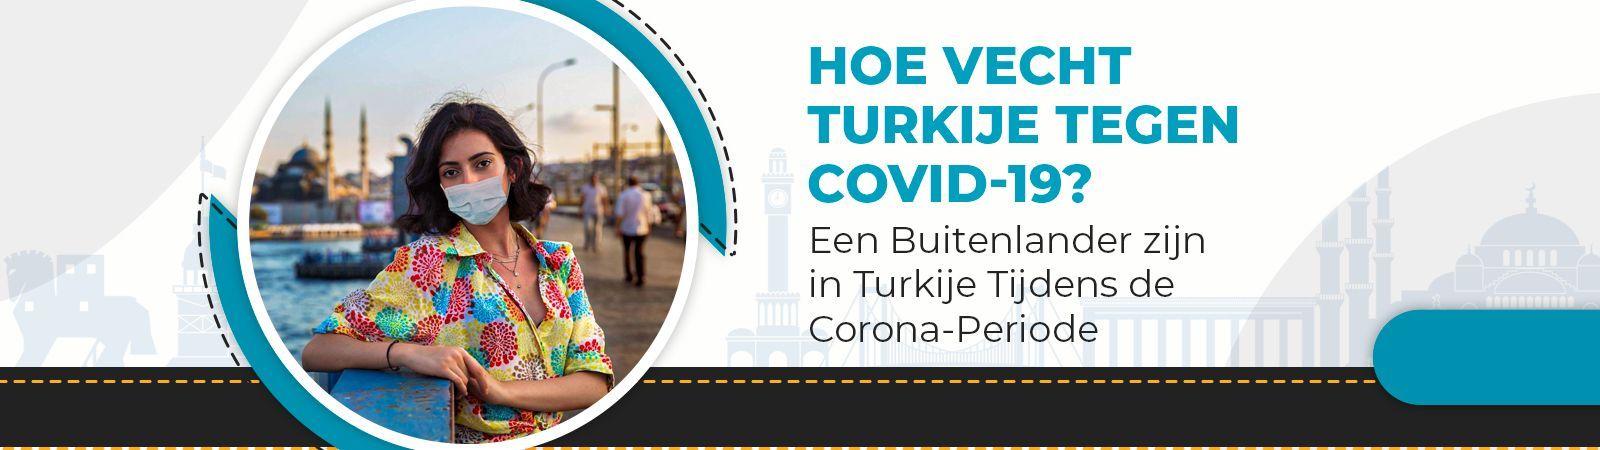 Hoe vecht Turkije tegen COVID-19?